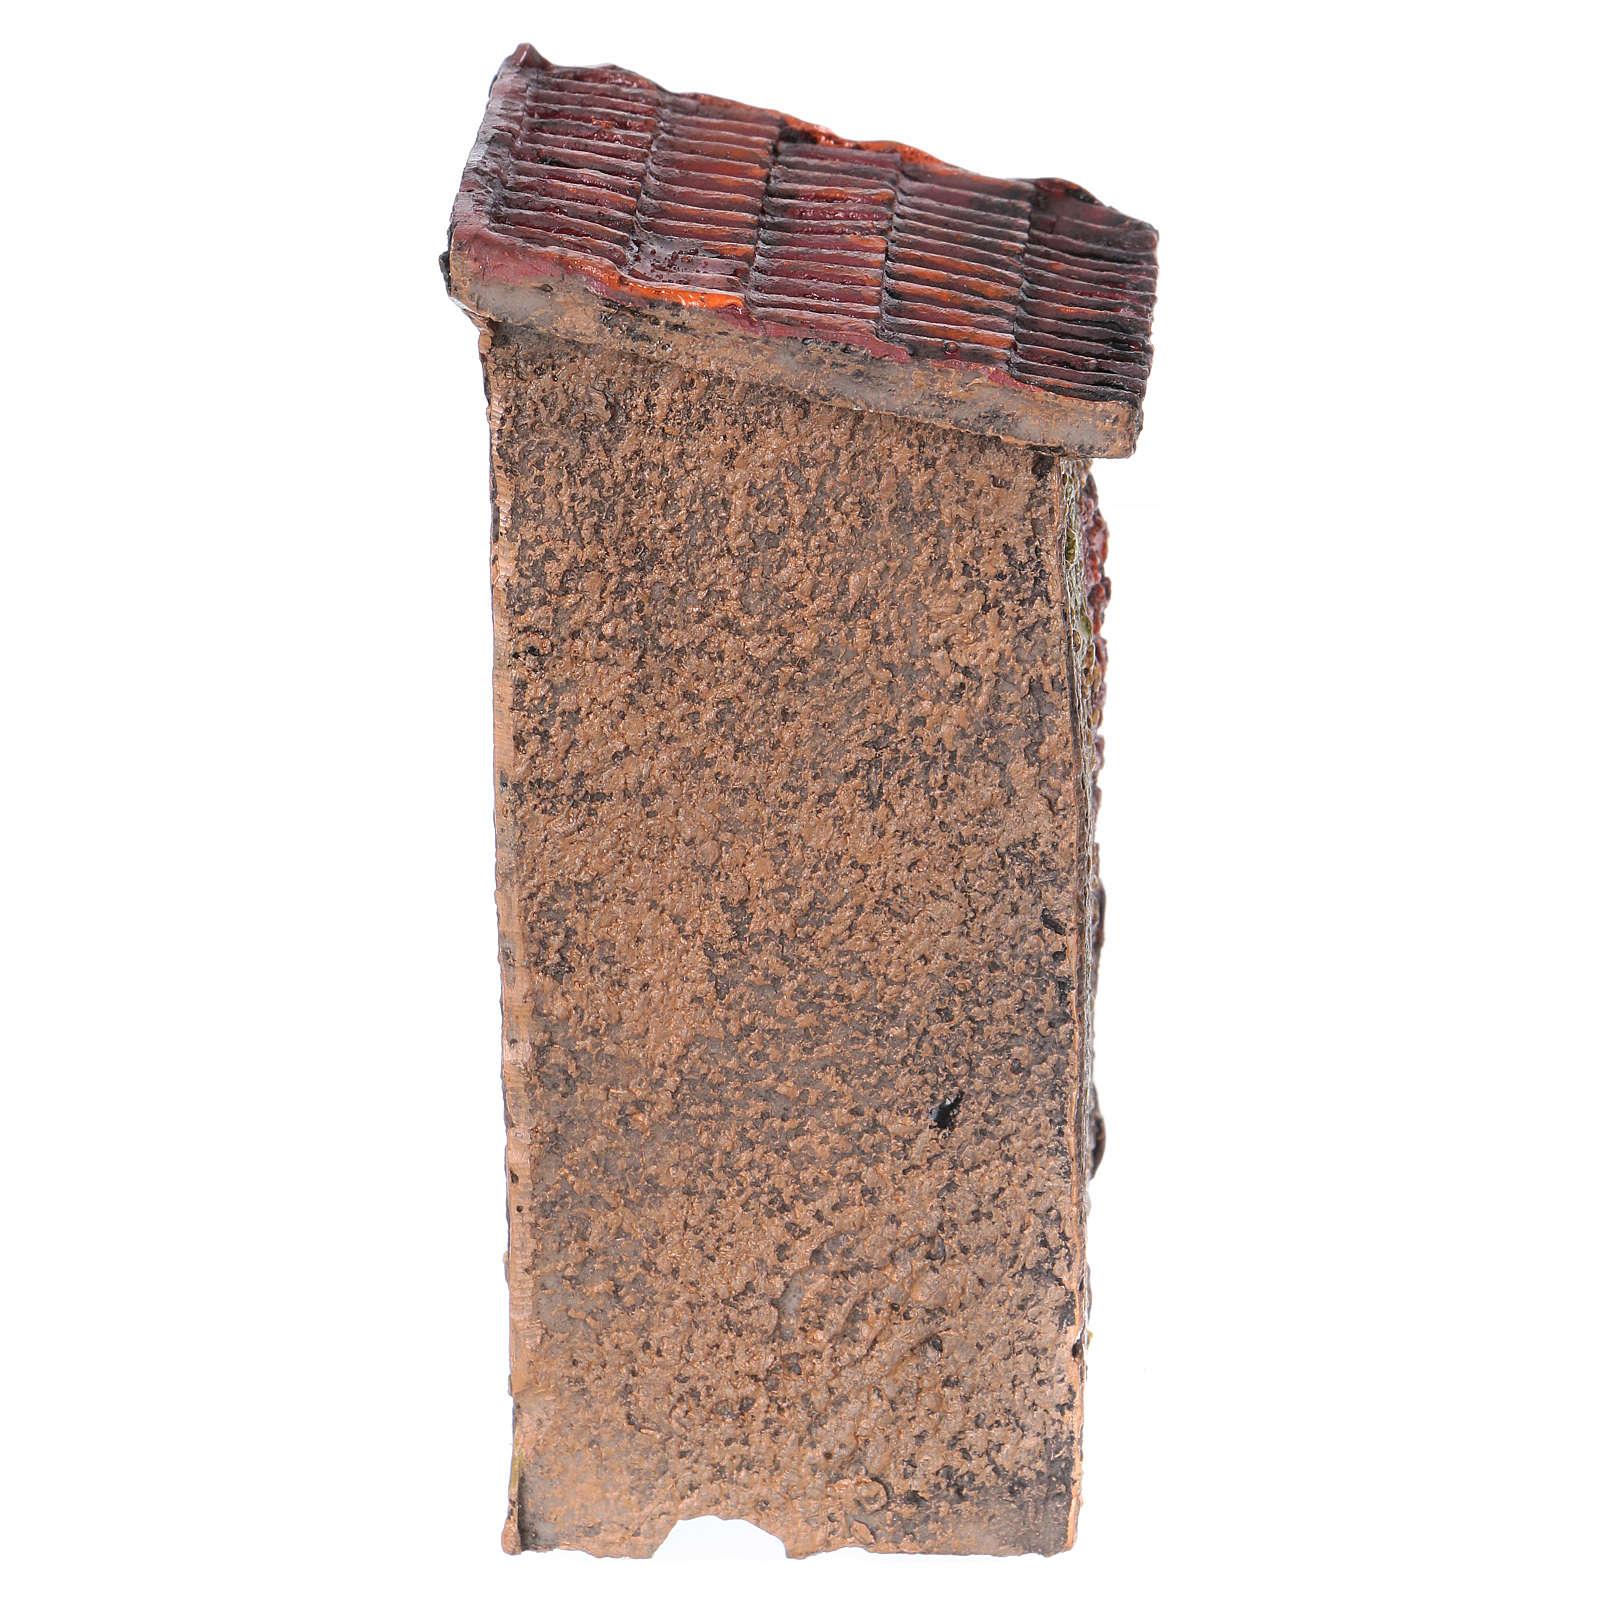 Casita de resina 5x10x5 cm para belén 4